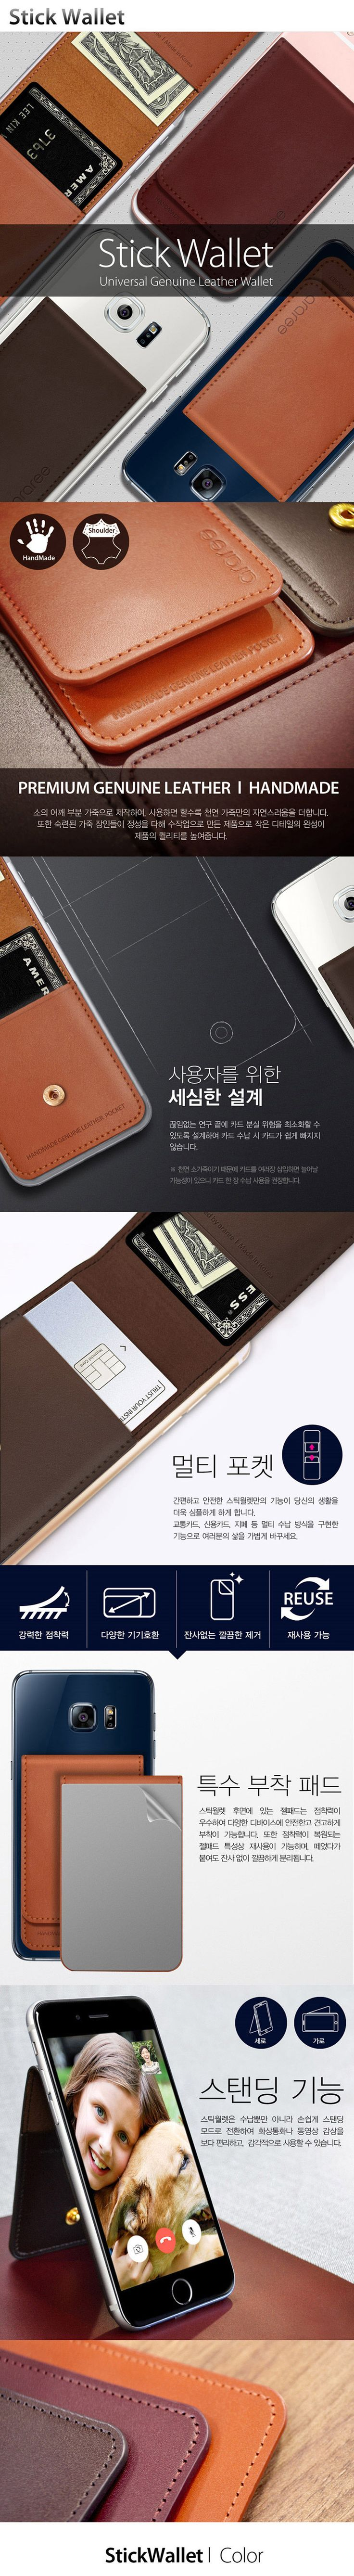 韩国代购araree钱包式手机支架 苹果7 plus通用反复贴真皮卡套潮-淘宝网